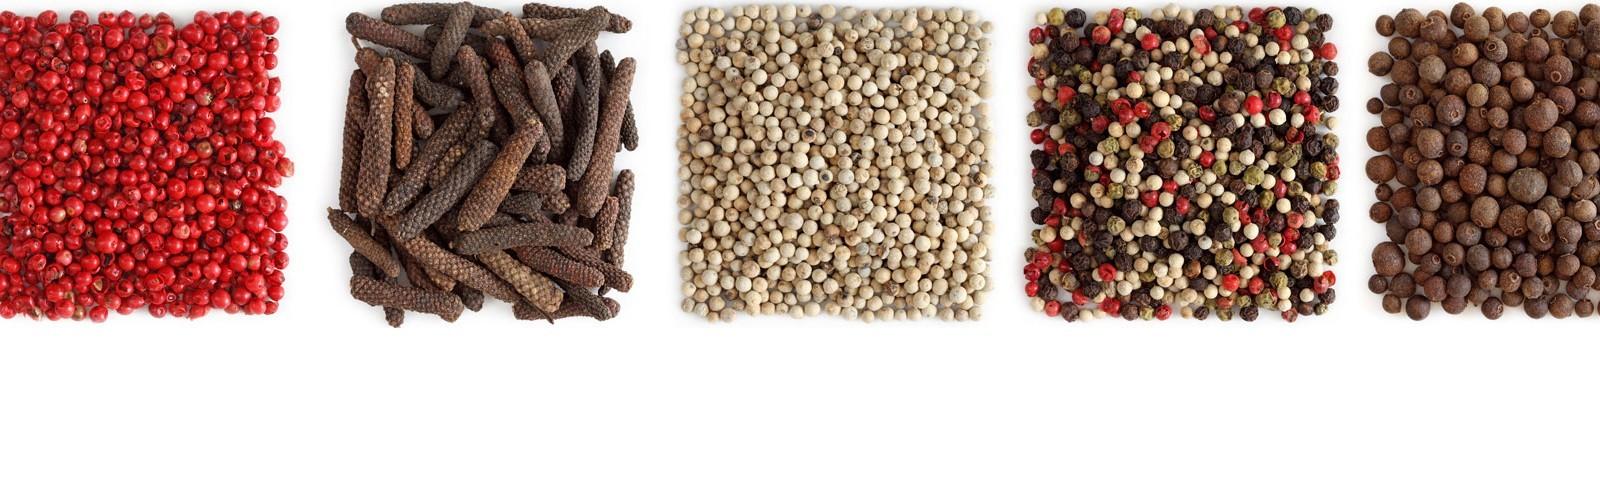 Condimenti per pasta, spezie e ragù per dare pepe (e non solo) ai tuoi piatti